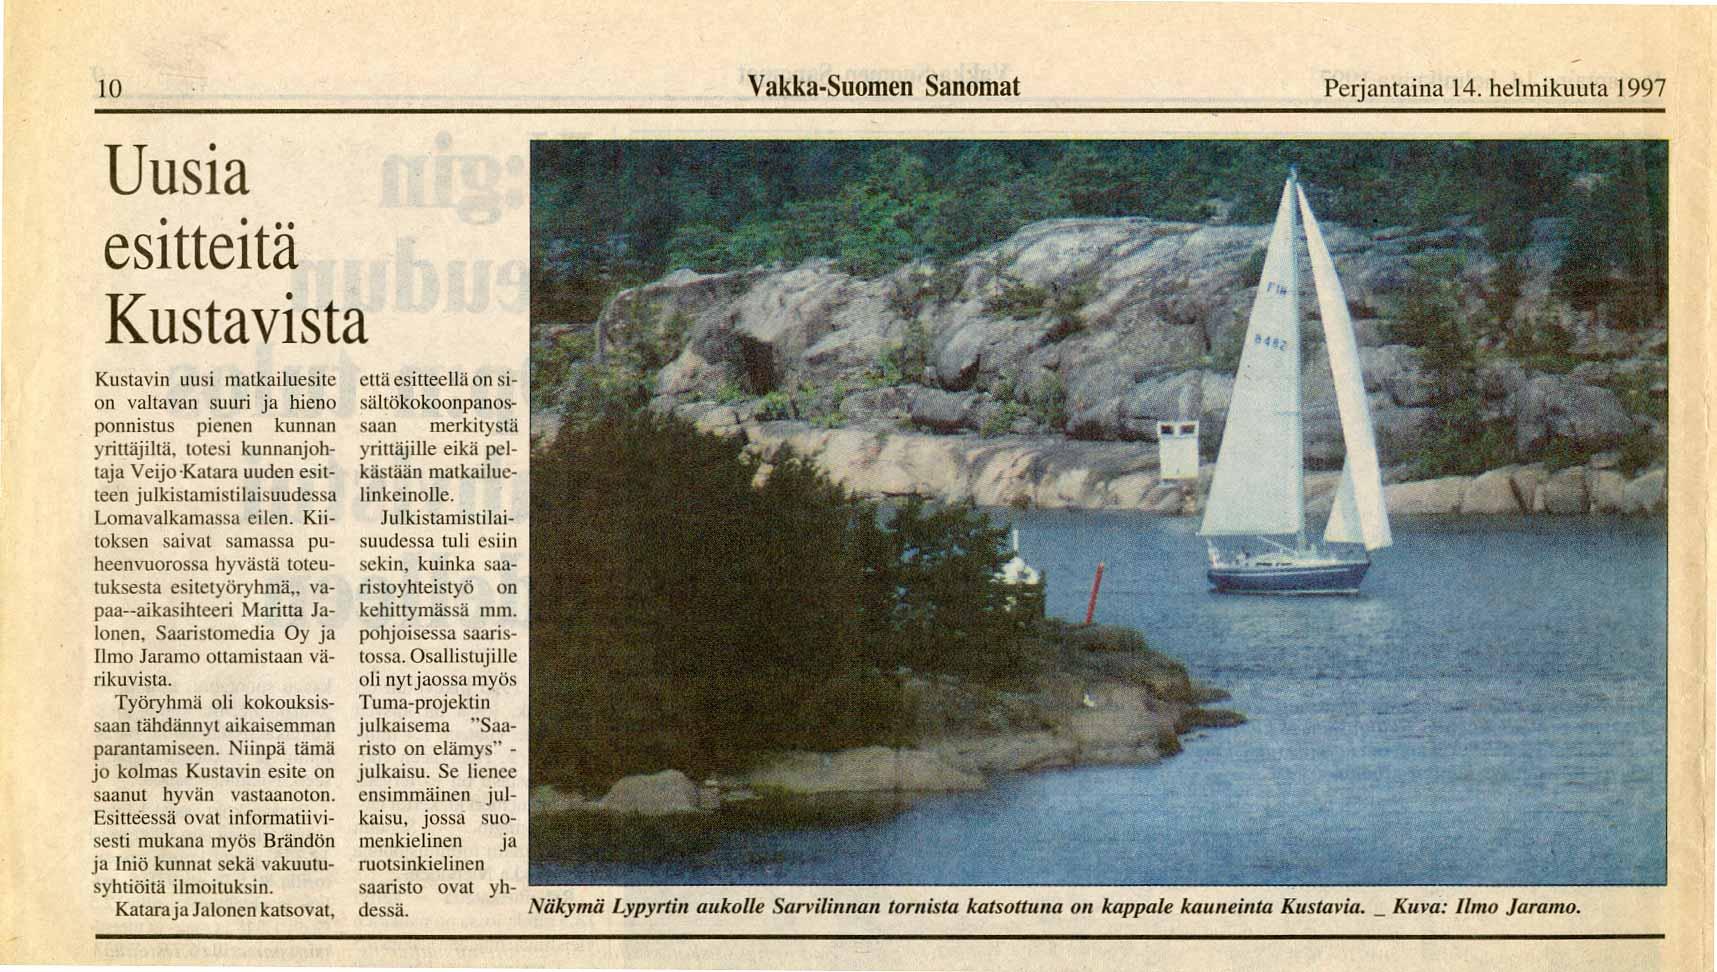 Vakka-Suomen Sanomat 14.2.1997